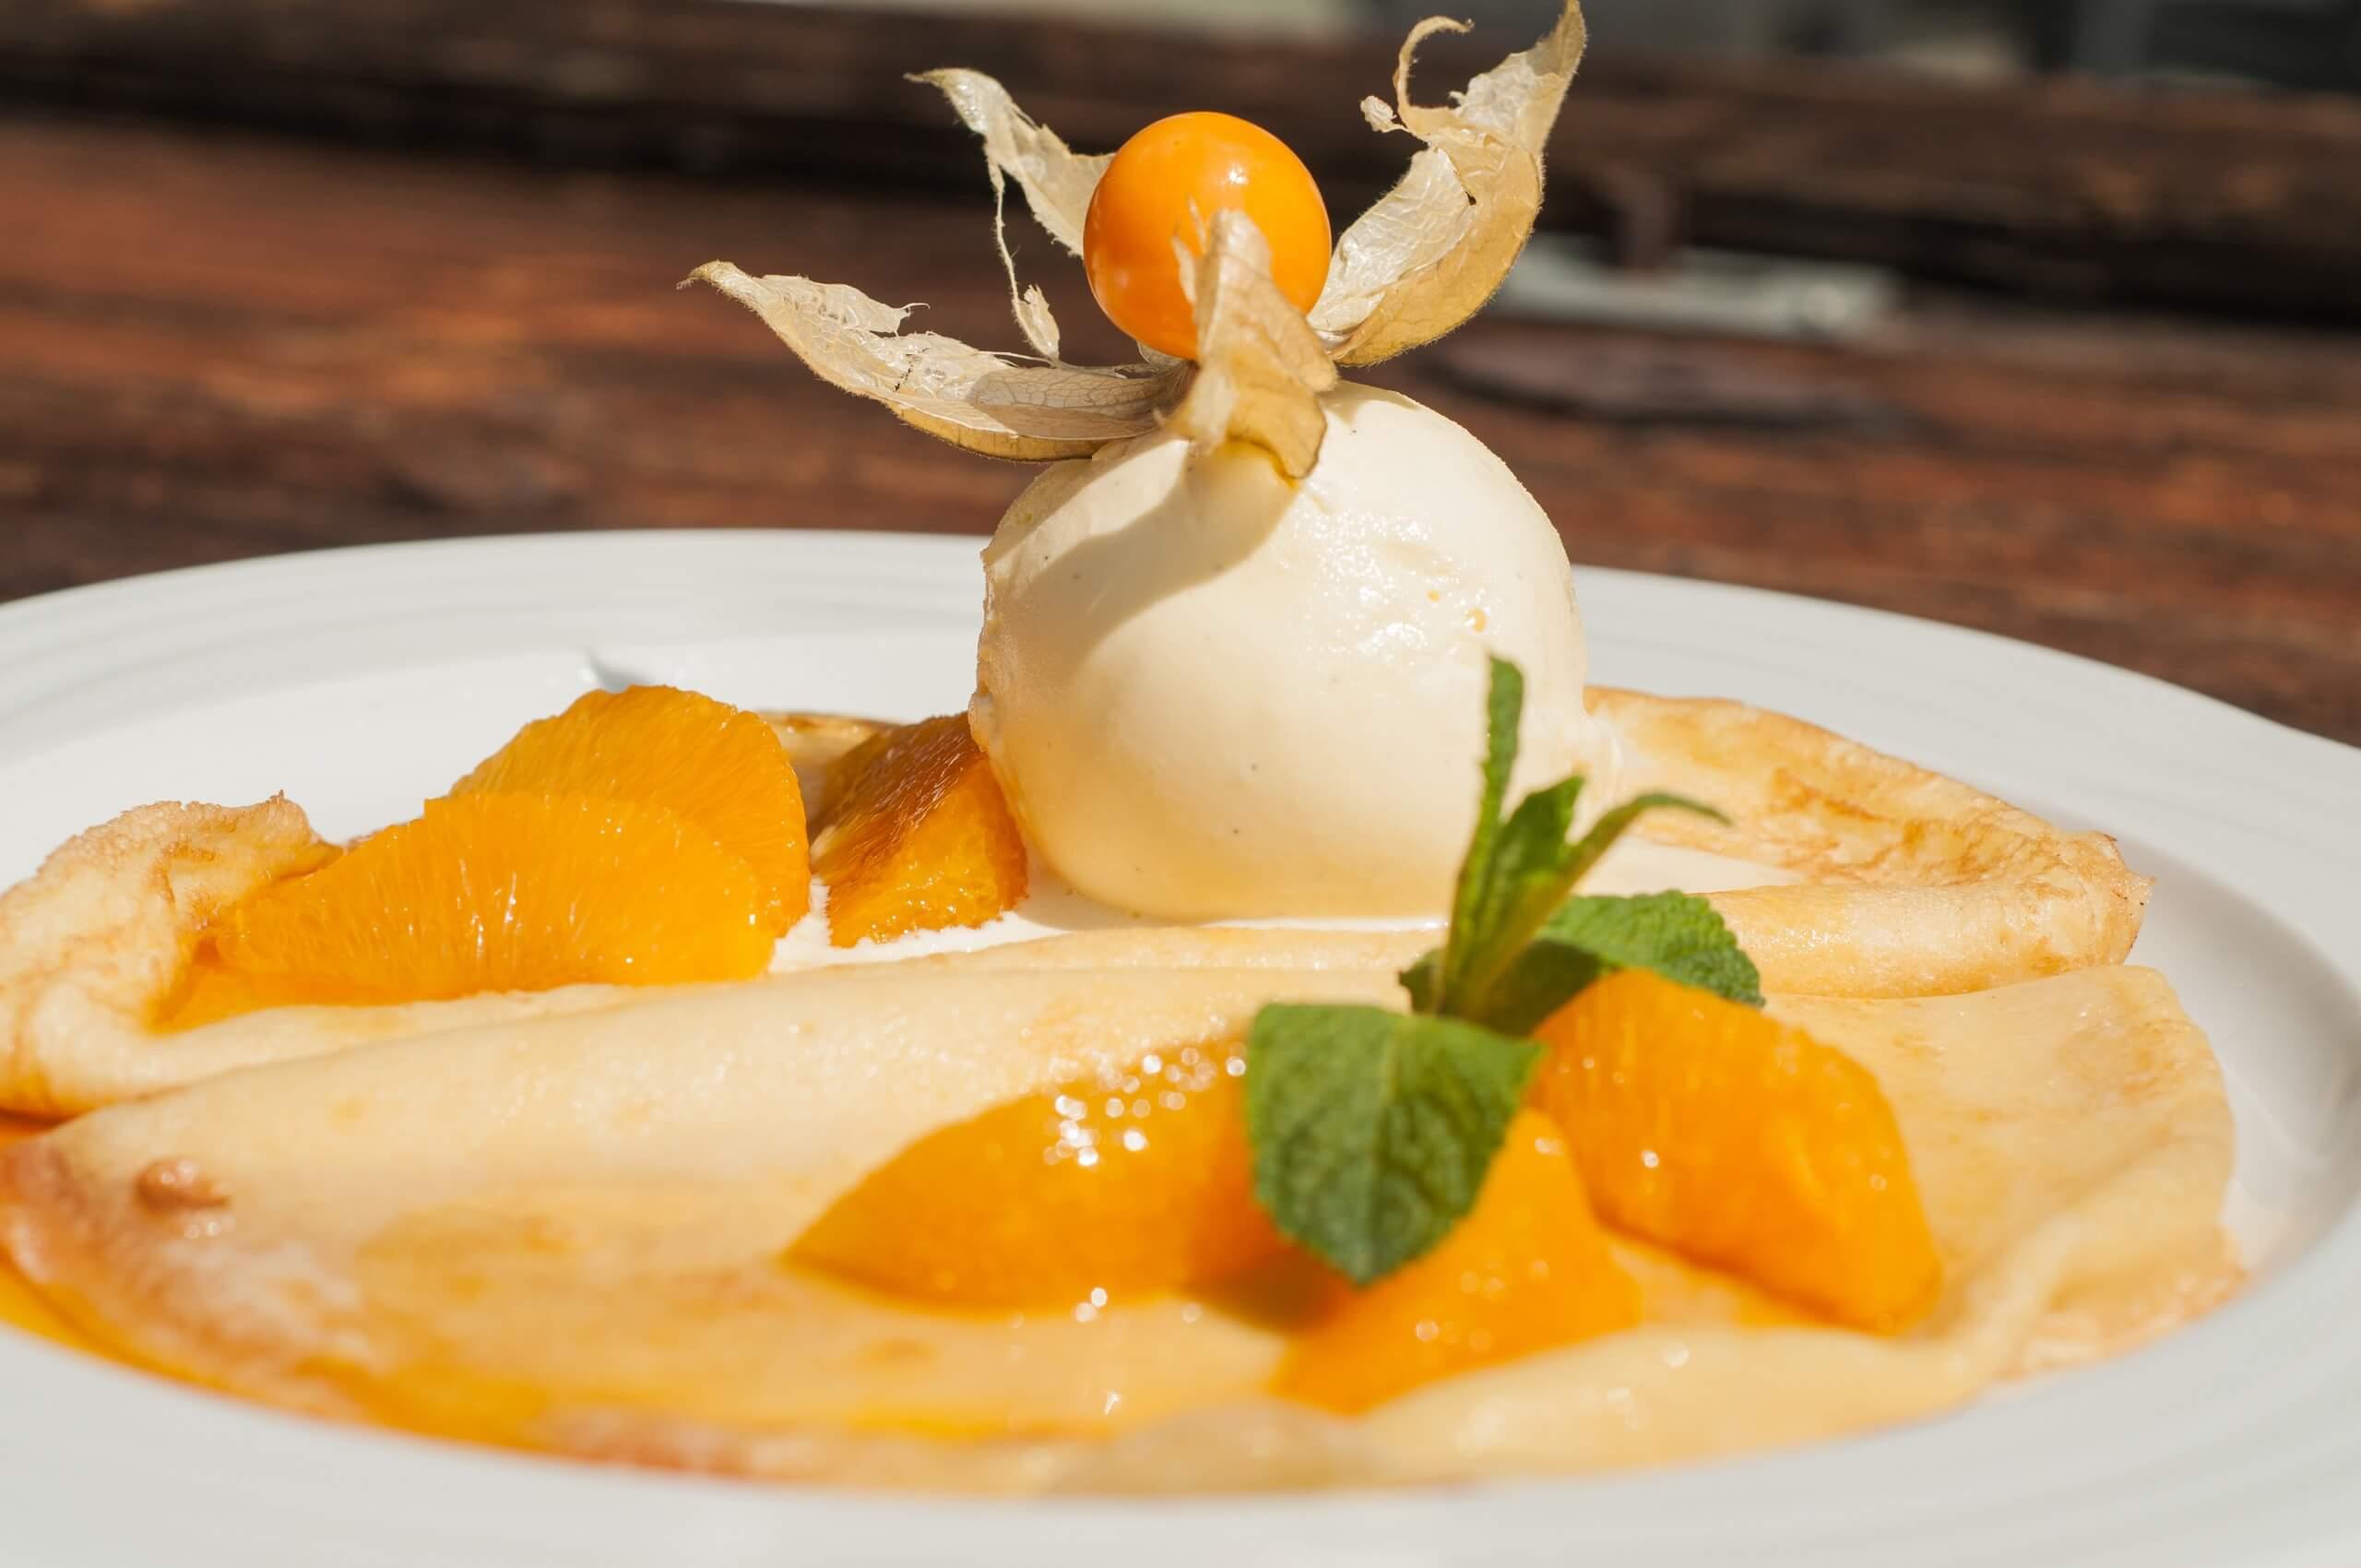 seerestaurant-loewen-crepe-suzette